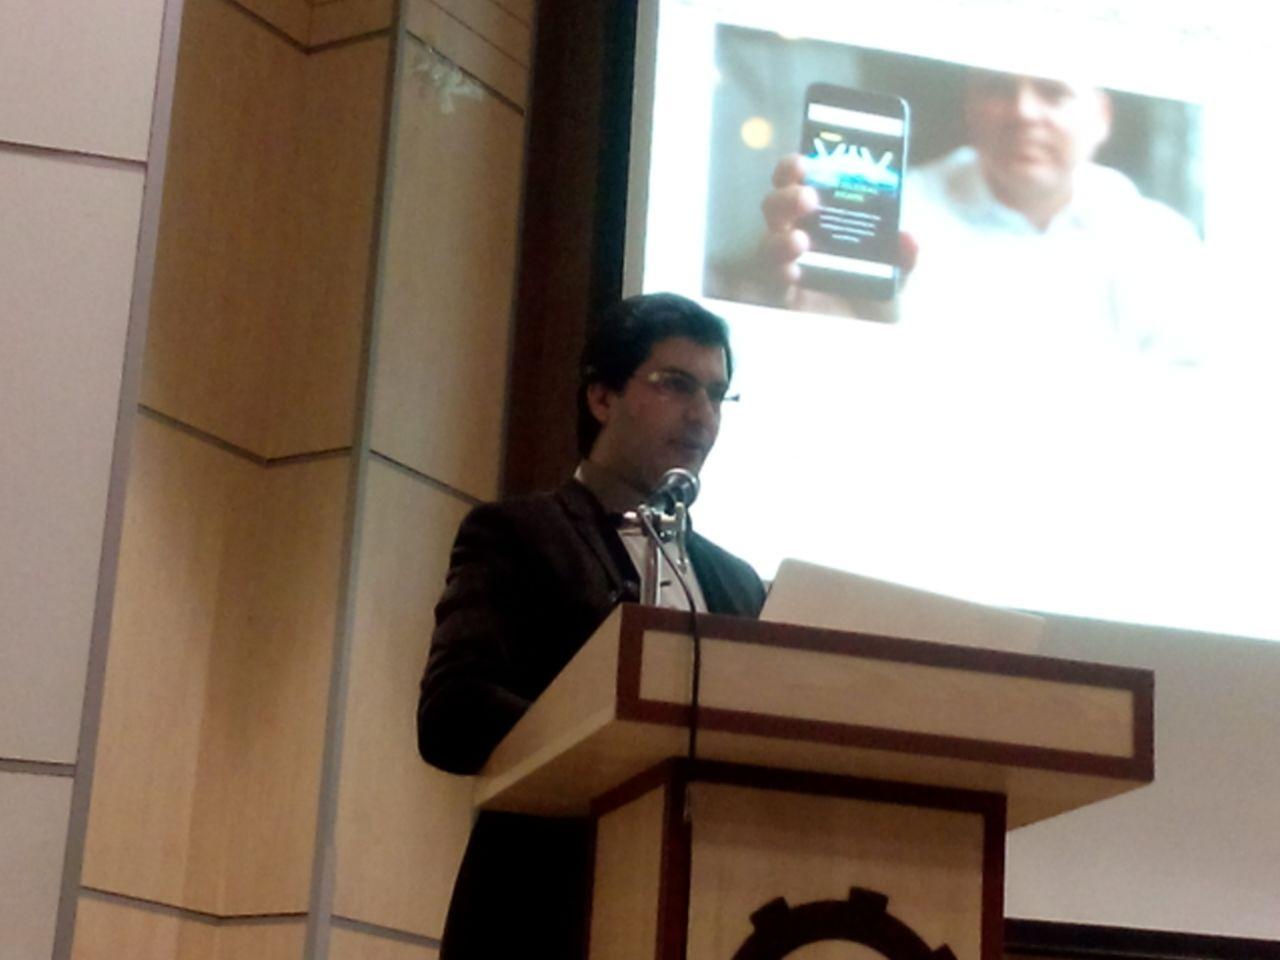 ویدئو- قسمت دوم سخنرانی دکتر براری با موضوع نقش هوش مصنوعی در تحول تجارت الکترونیک در دانشگاه فردوسی مشهد